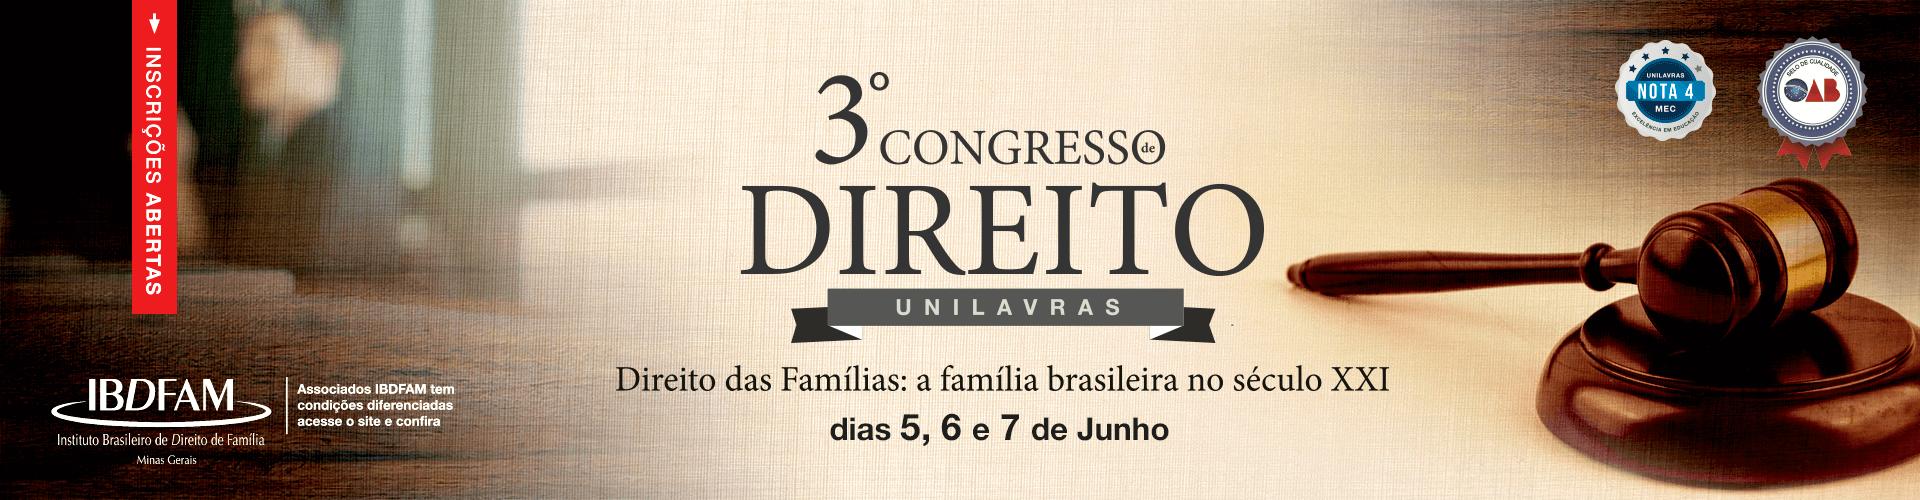 Banner-site-congresso-de-direito-2018(1)